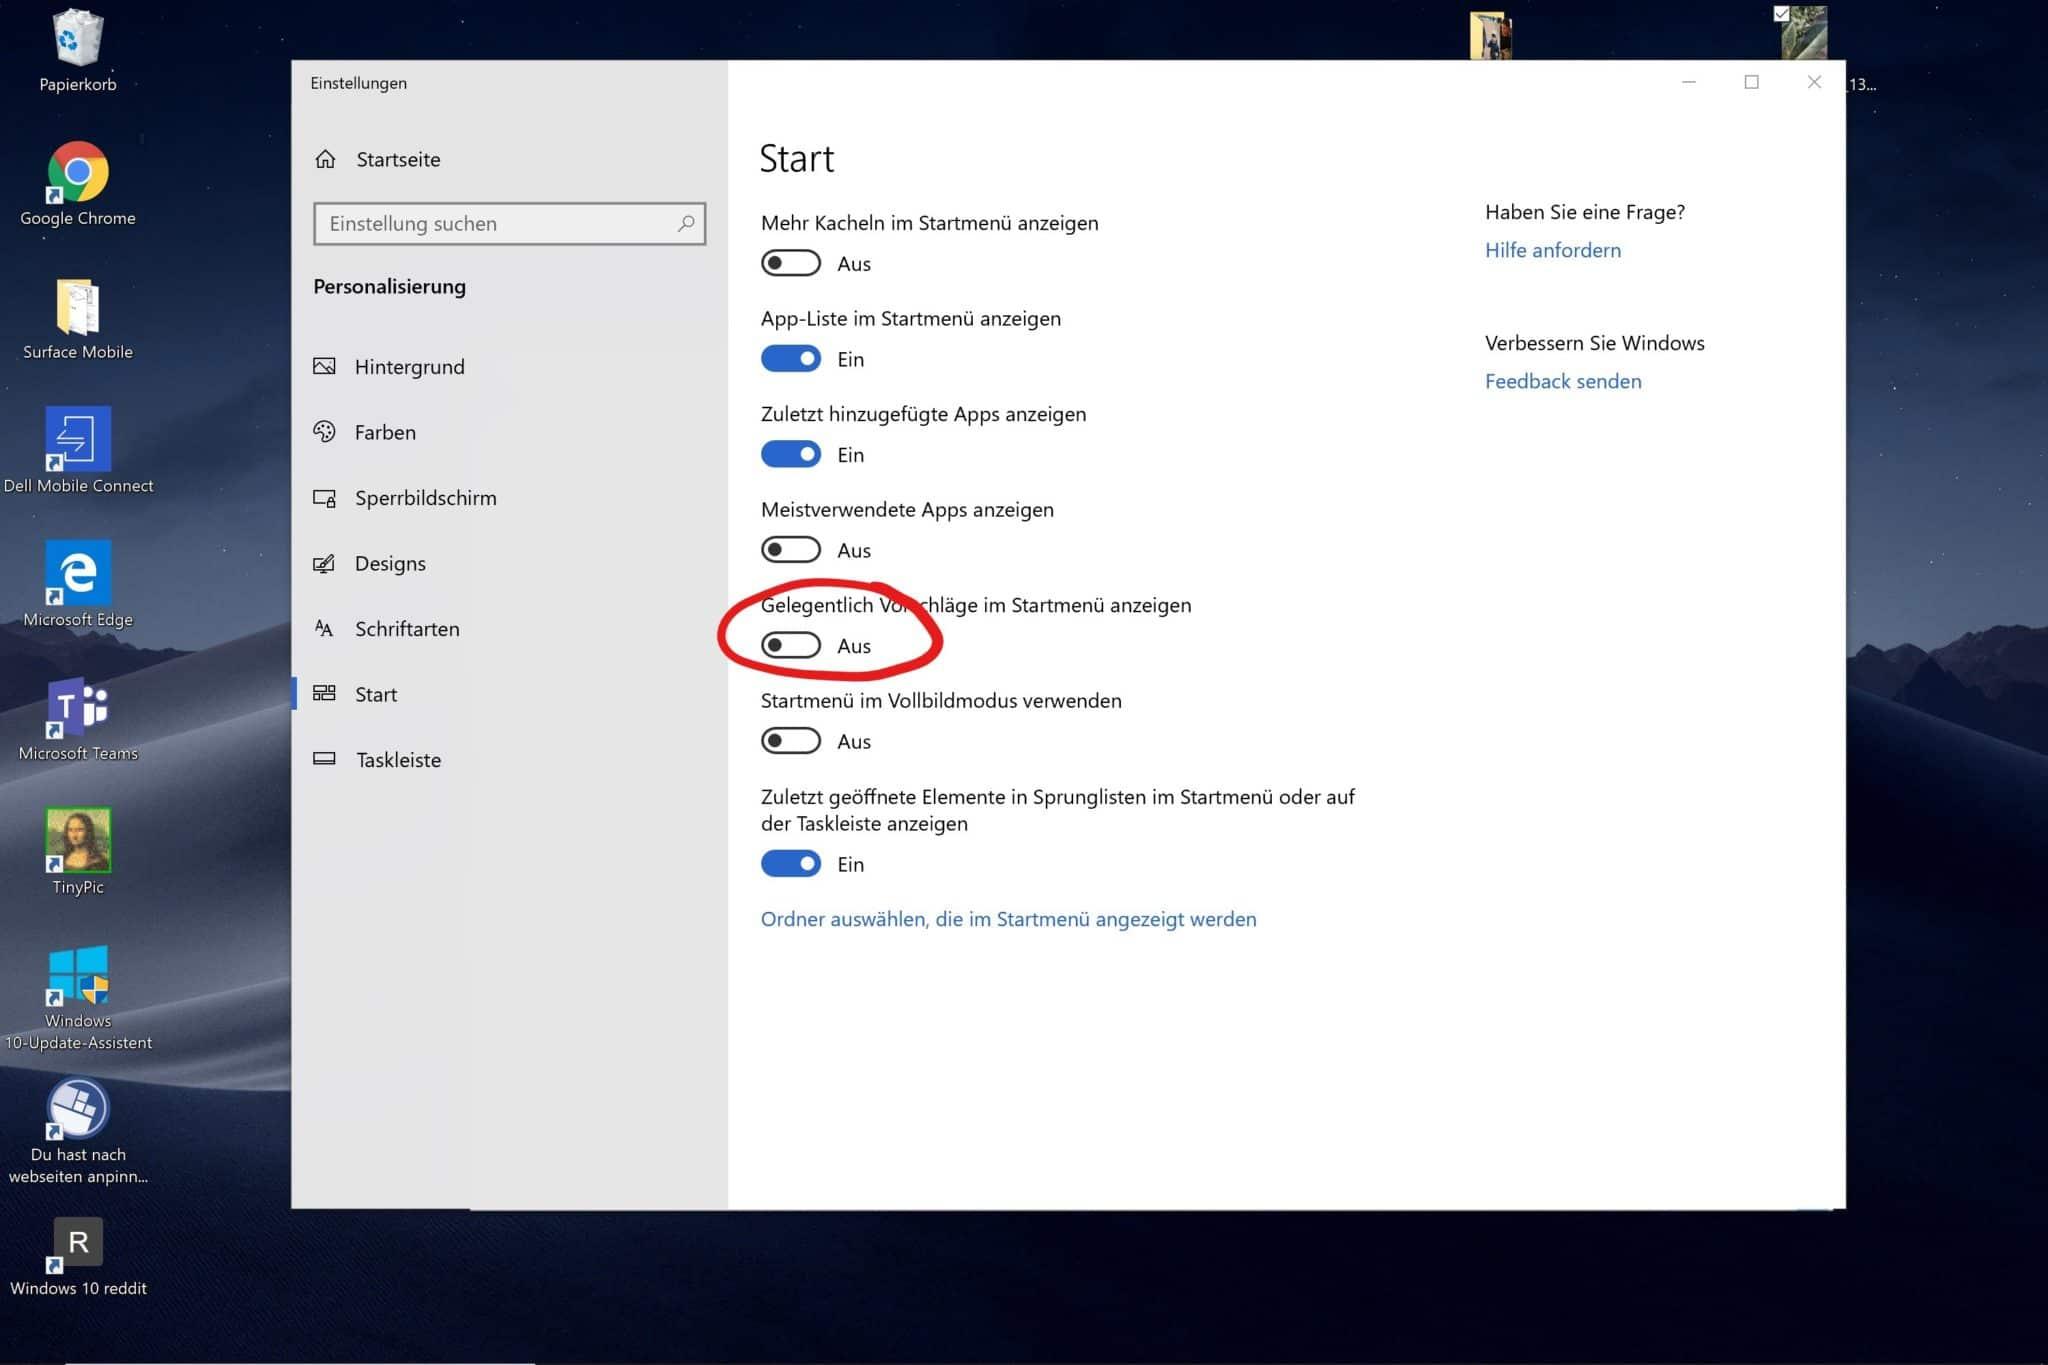 Windows 10 Startmenü Werbung ausschalten